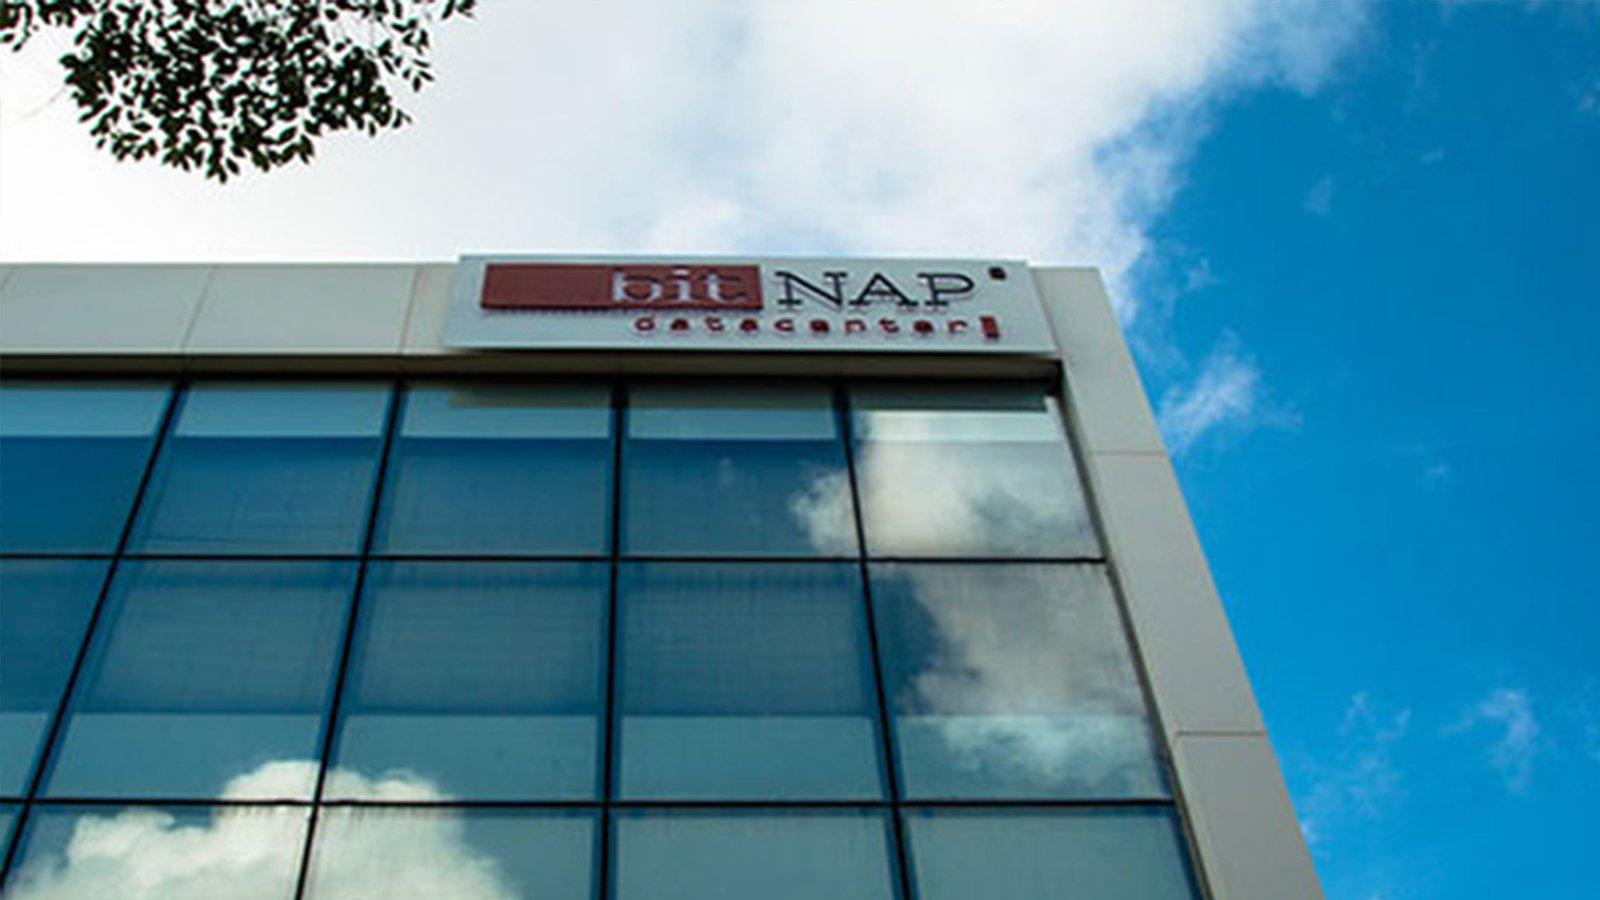 bitNAP